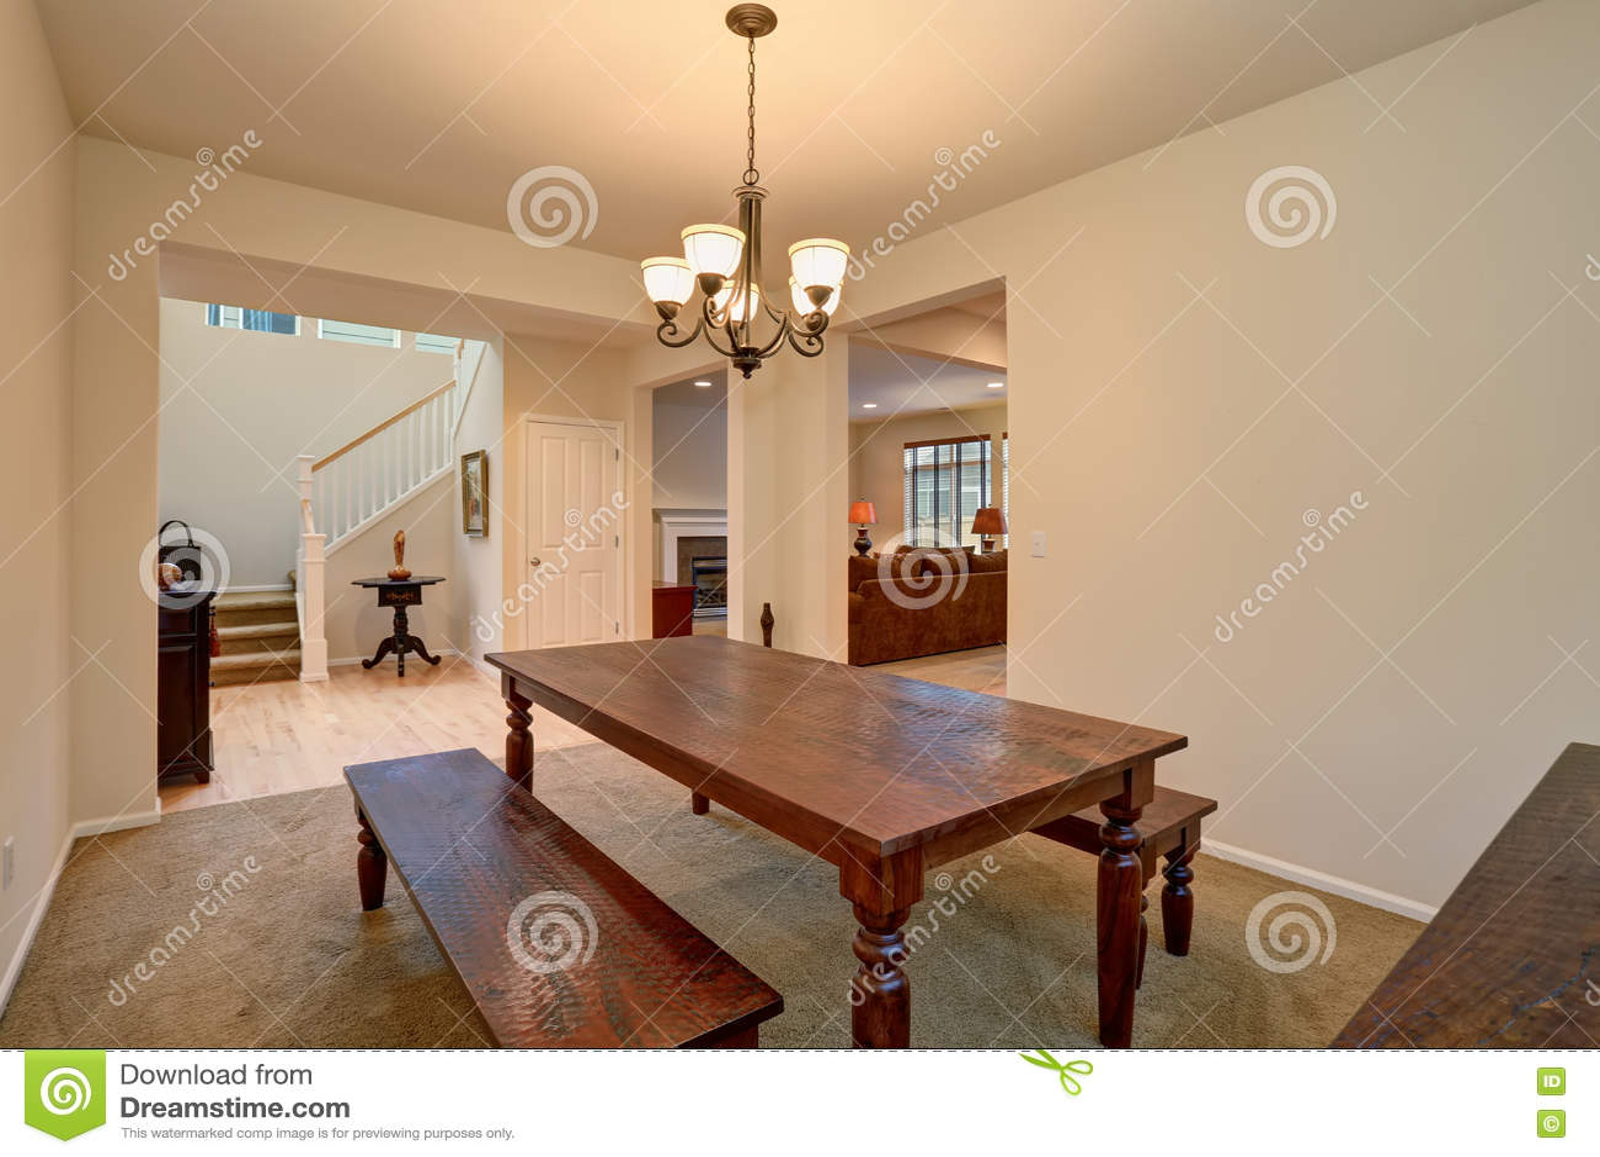 Plan d 39 tage ouvert vue de salle manger avec la table et for Salon avec table a manger